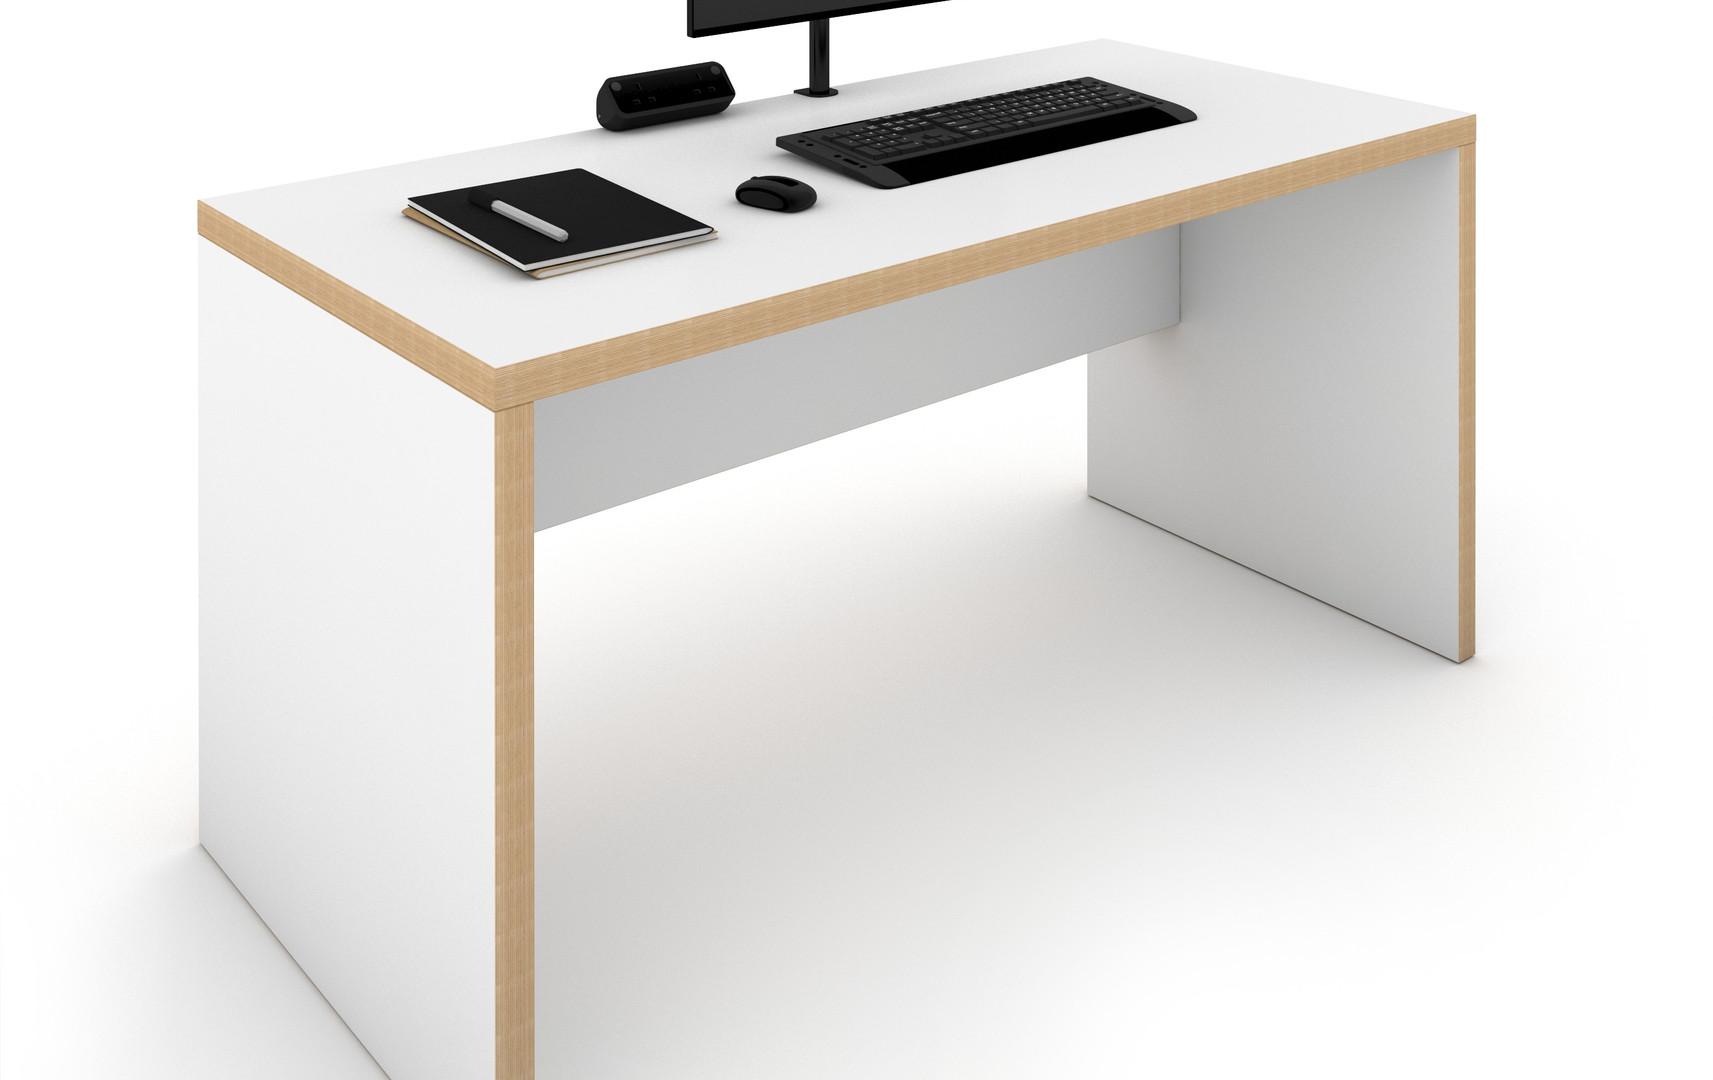 Panel End Desk 1400 x 700 MFC Finish